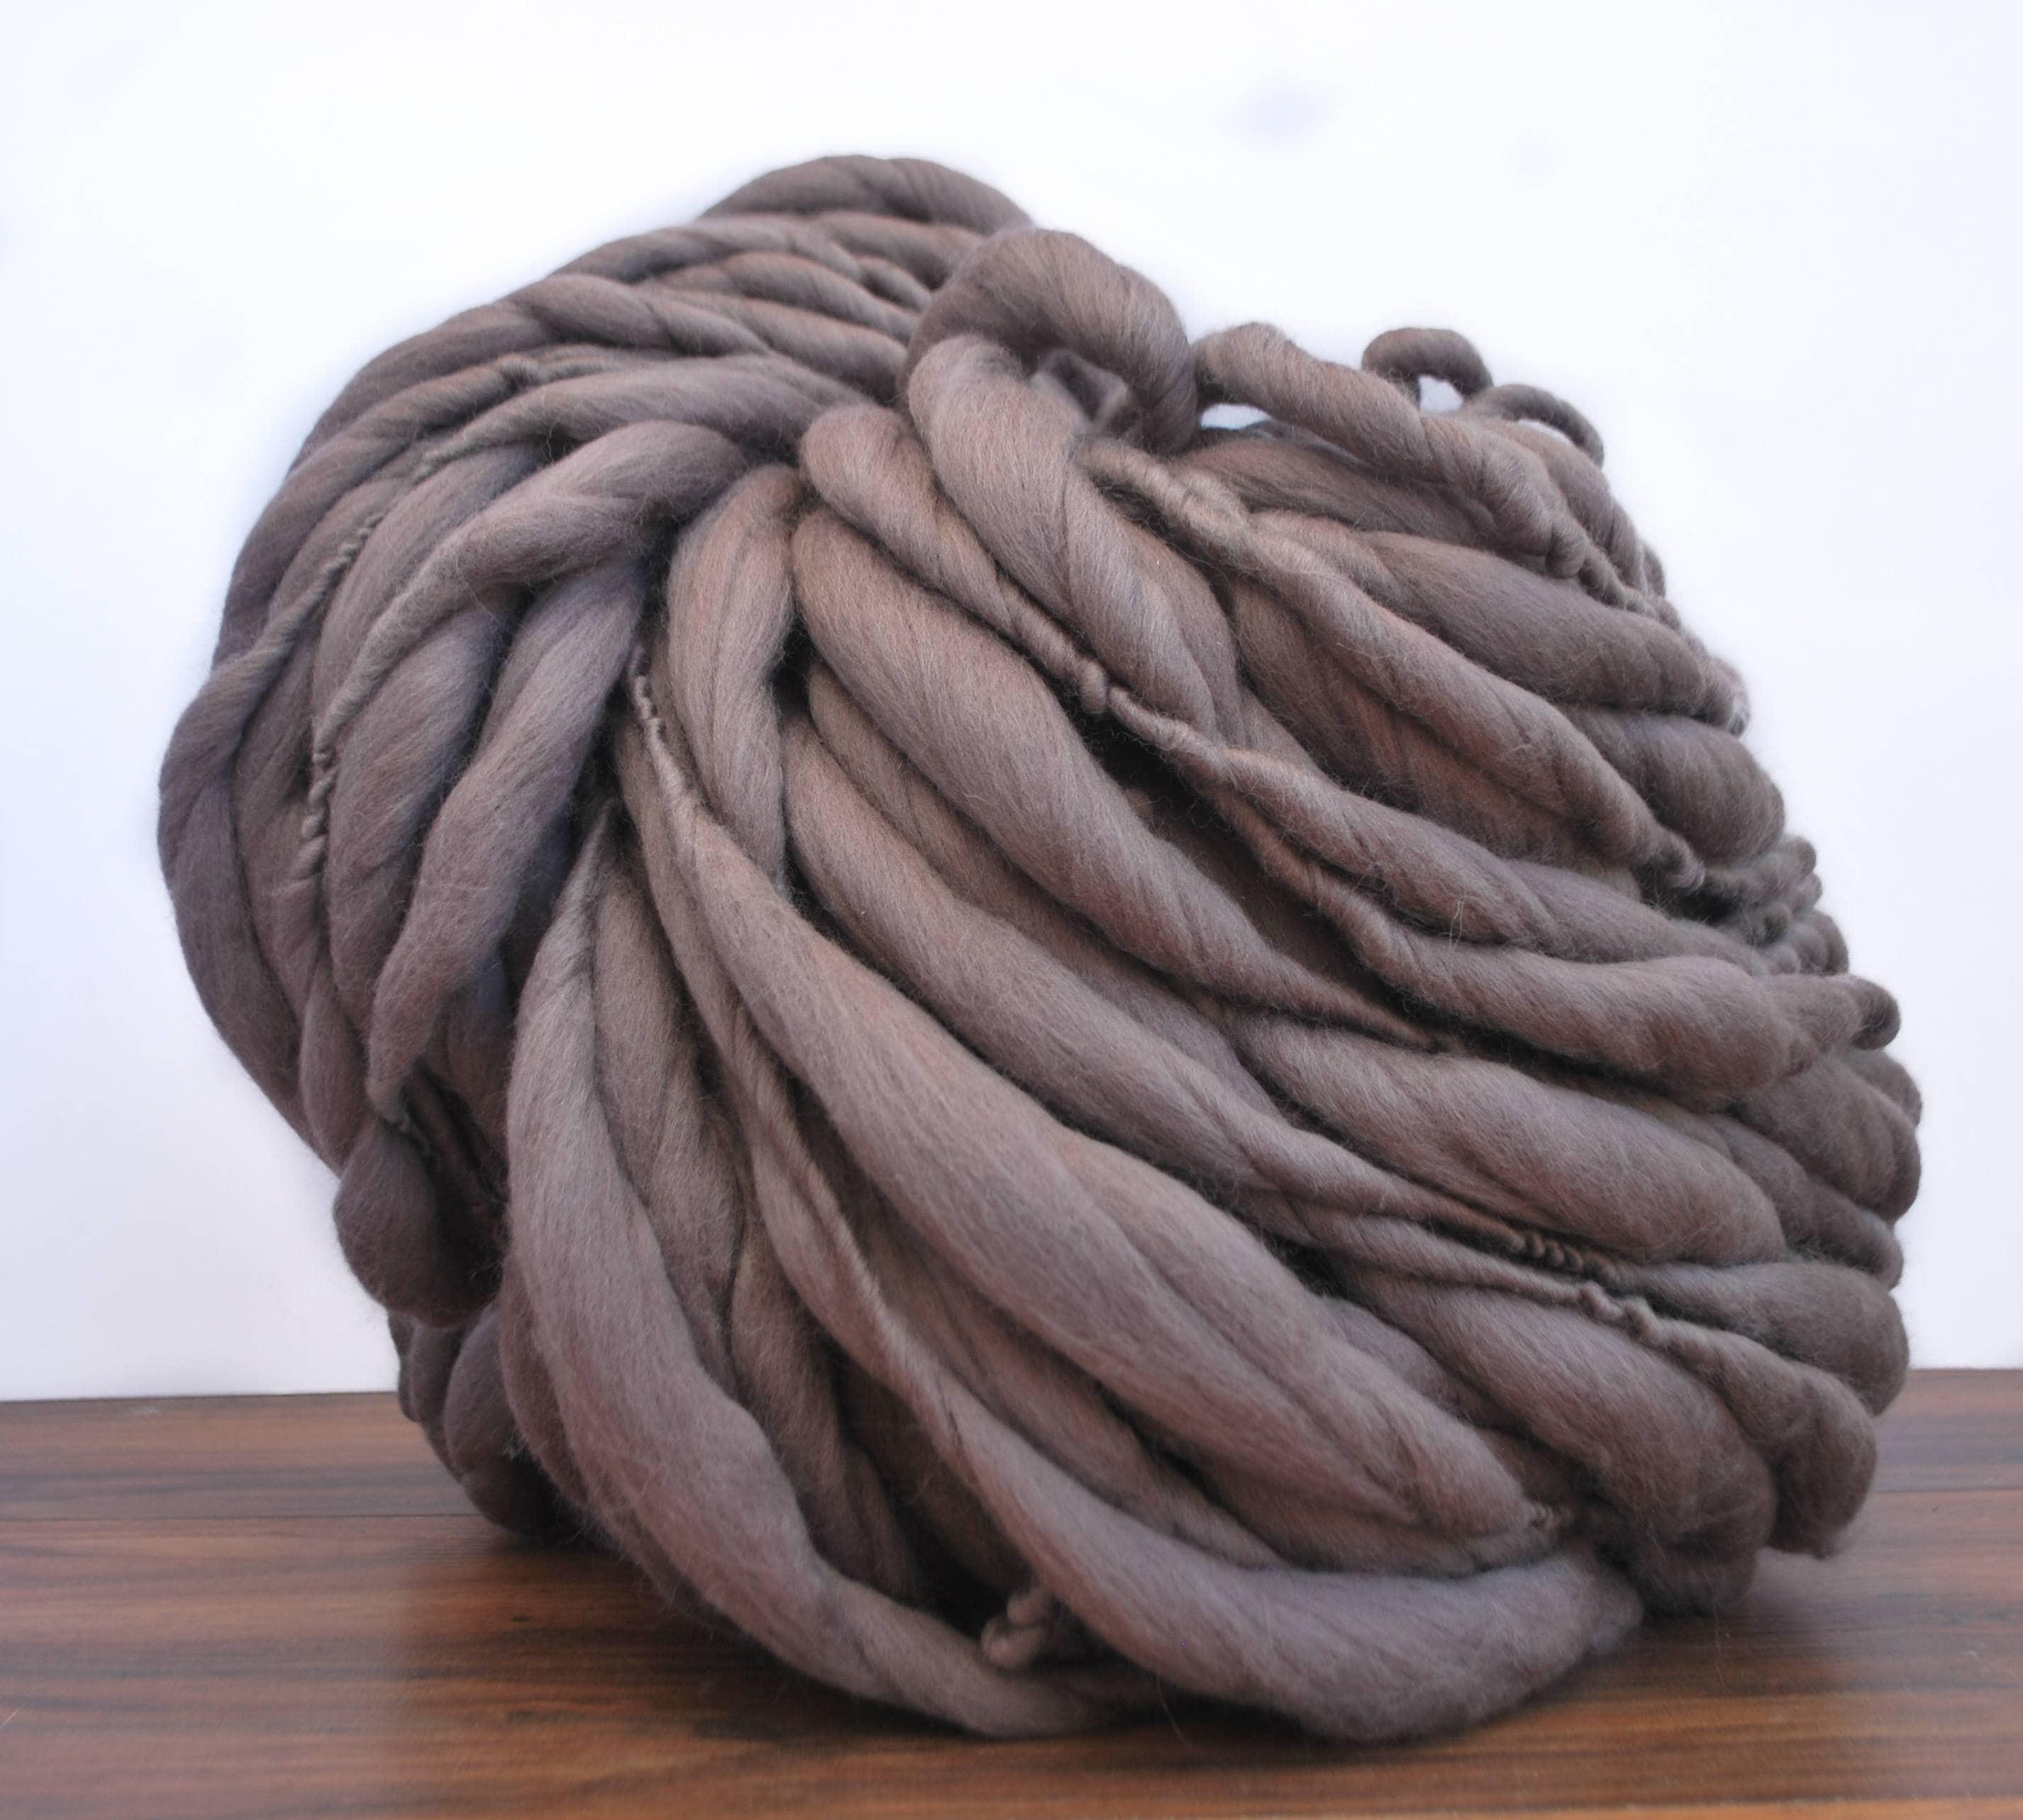 Chunky Knitting Wool Uk : Super chunky merino wool knit knitting